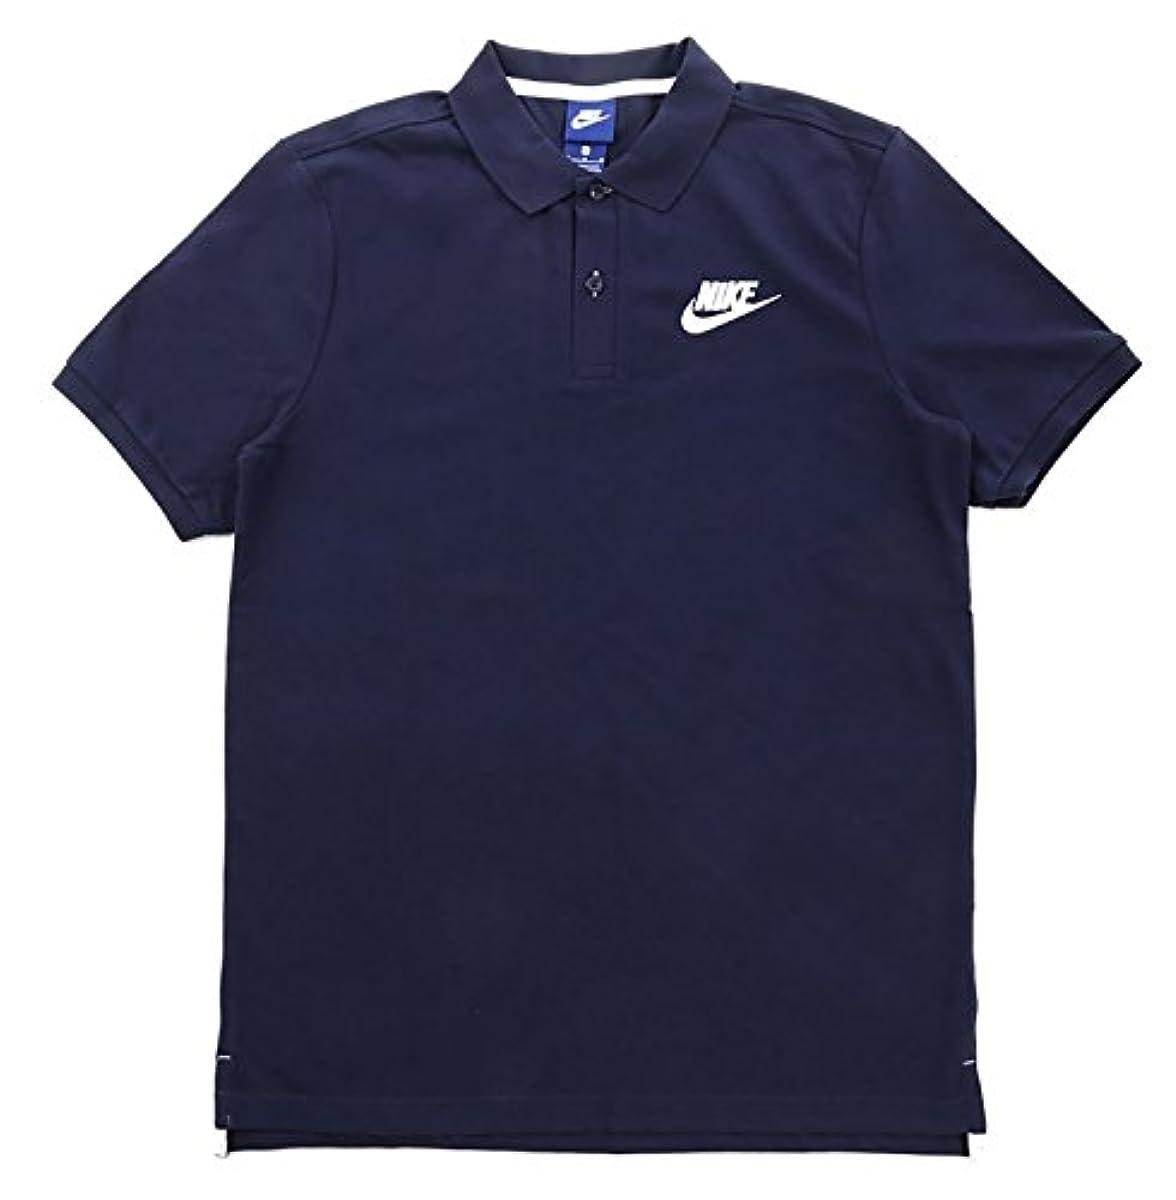 [해외] NIKE 나이키 NSW POLO PQ MATHUP 폴로 셔츠 스포츠 폴로 탑 셔츠 반소매